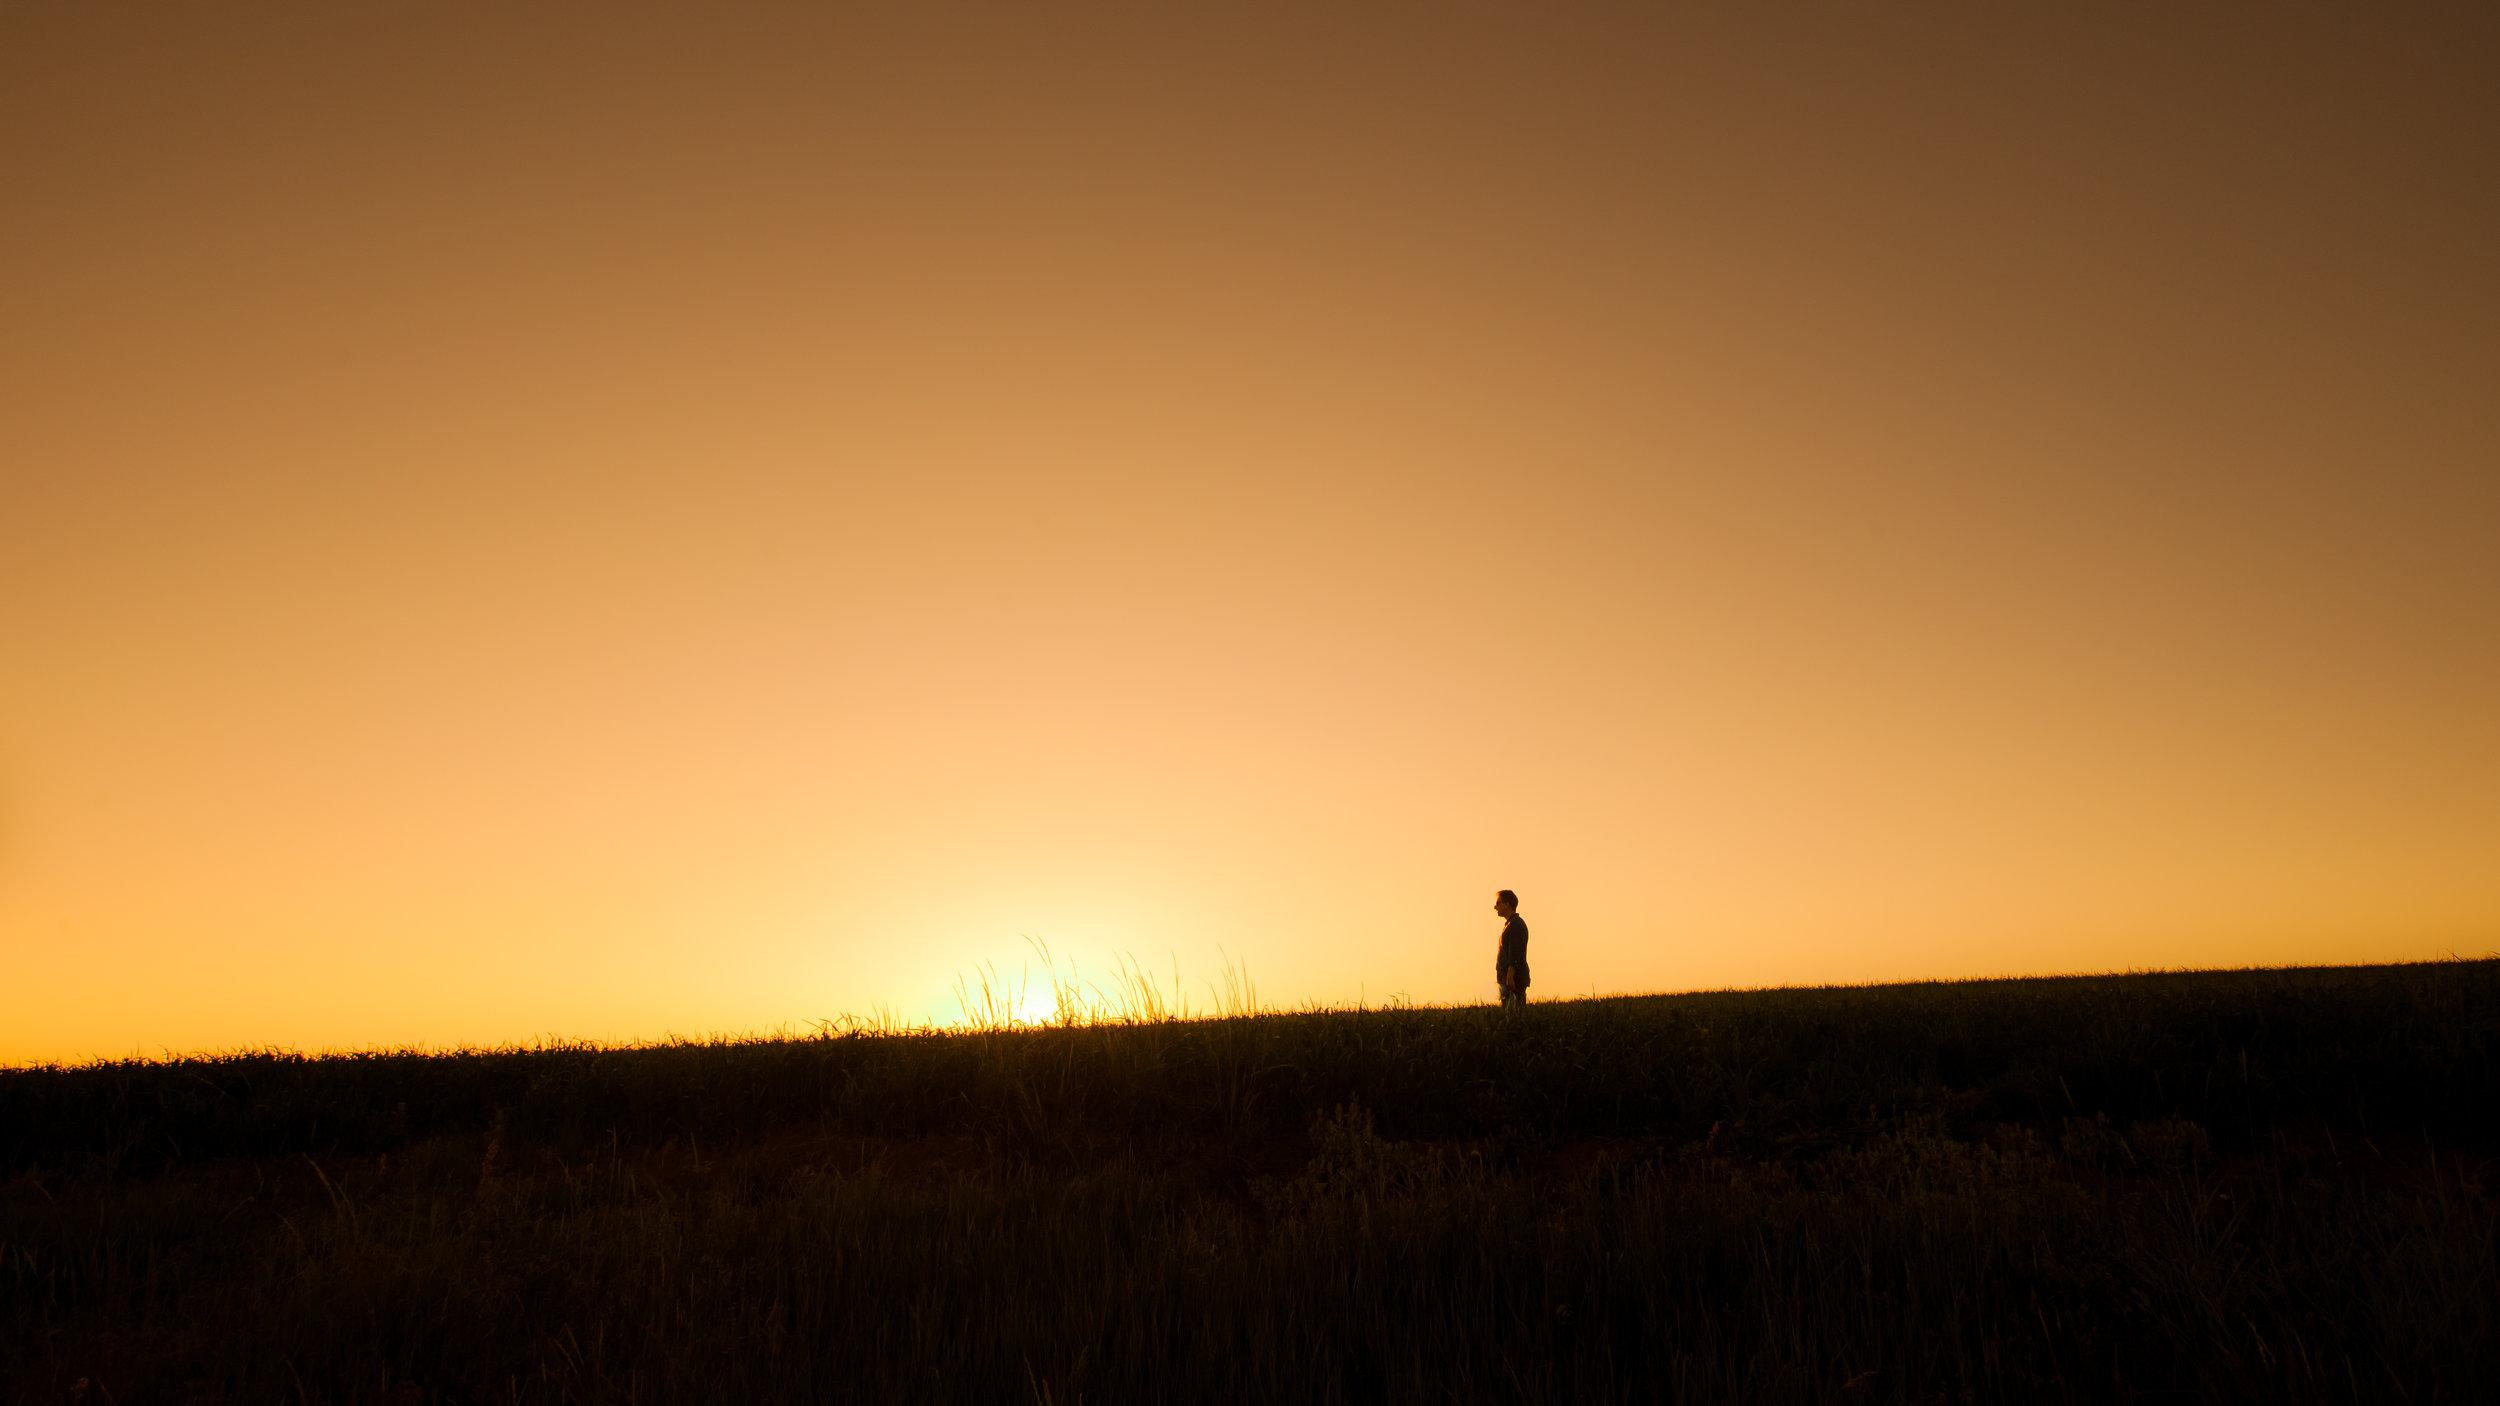 Jon_SunsetSilhouette.jpg